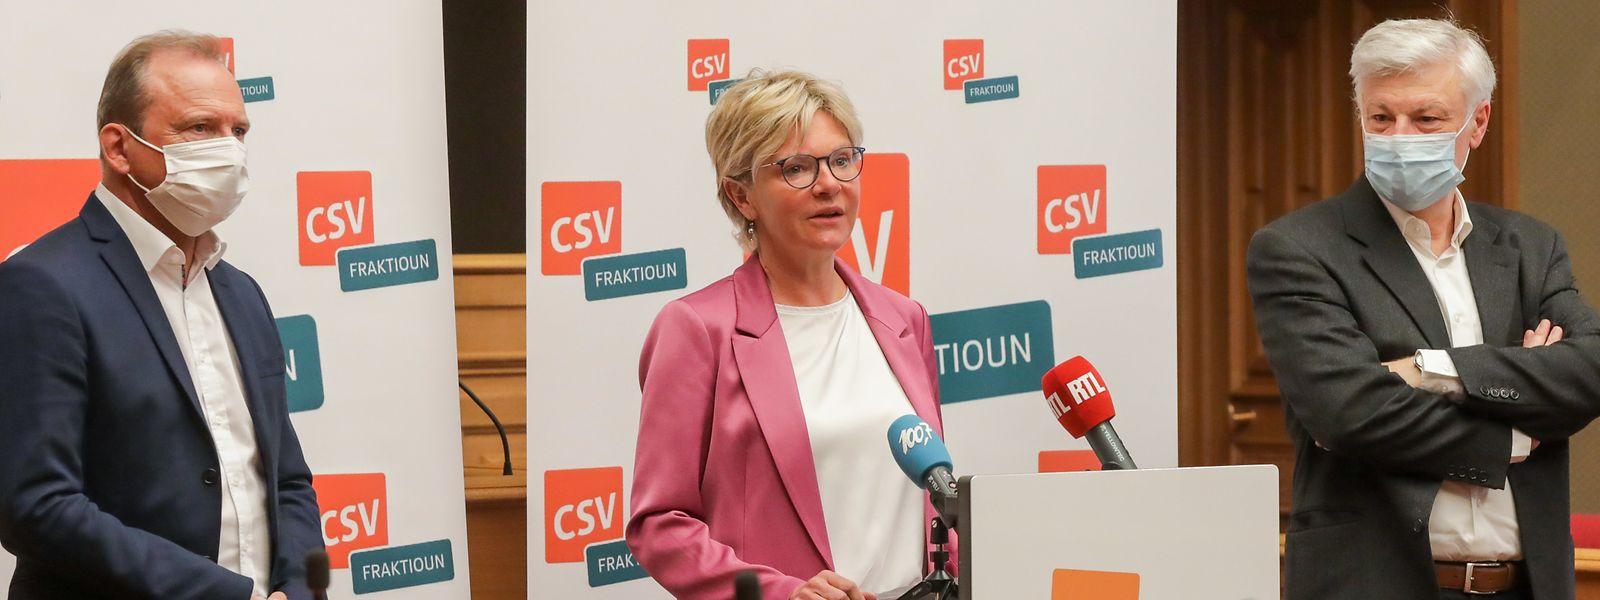 La fraction CSV tiendra désormais un point presse mensuel pour faire connaître les positions du parti sur l'actualité luxembourgeoise.